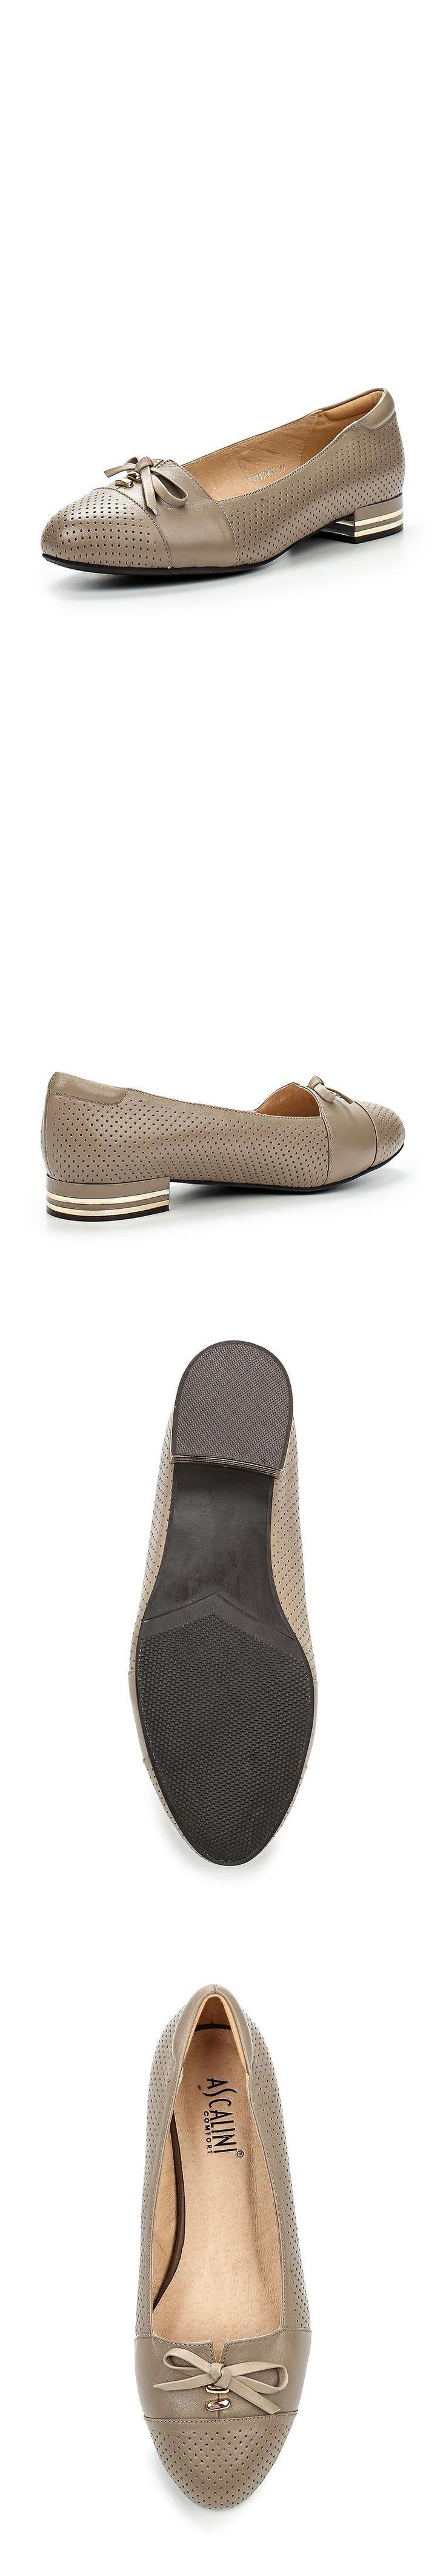 Женская обувь туфли Ascalini за 5499.00 руб.